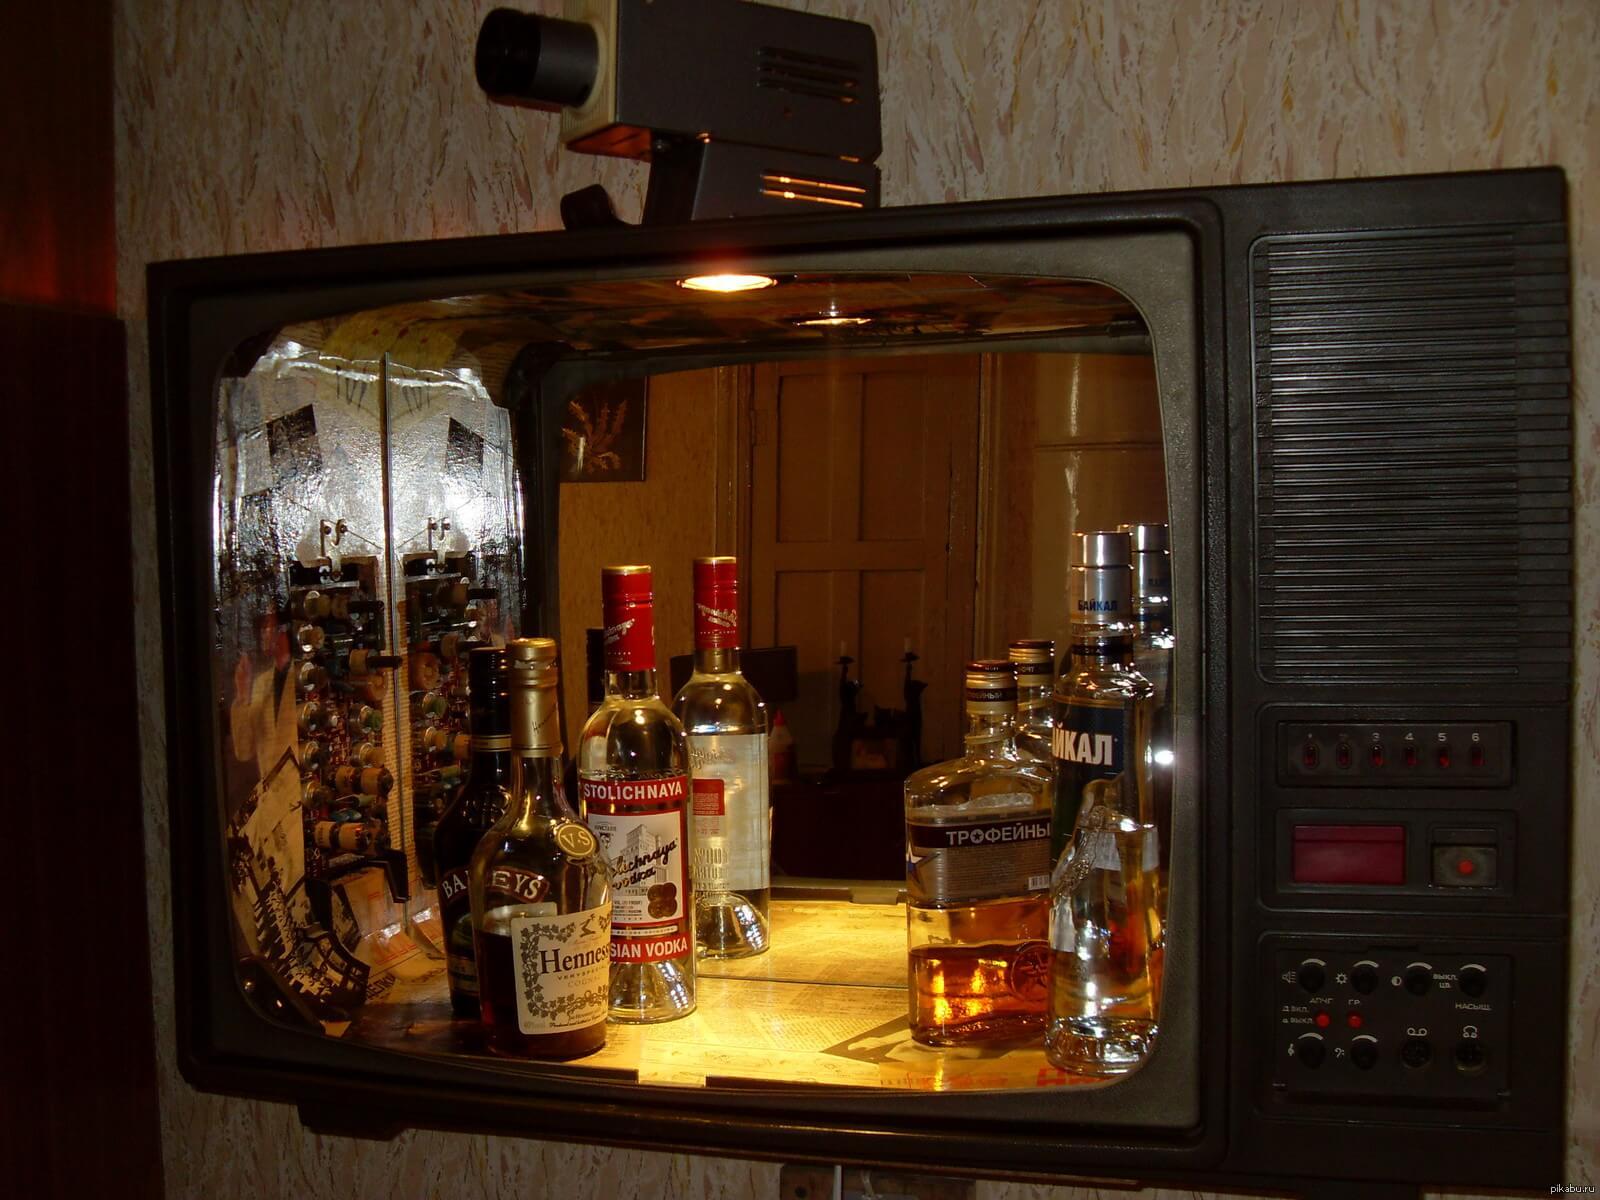 Мини-бар для дома своими руками